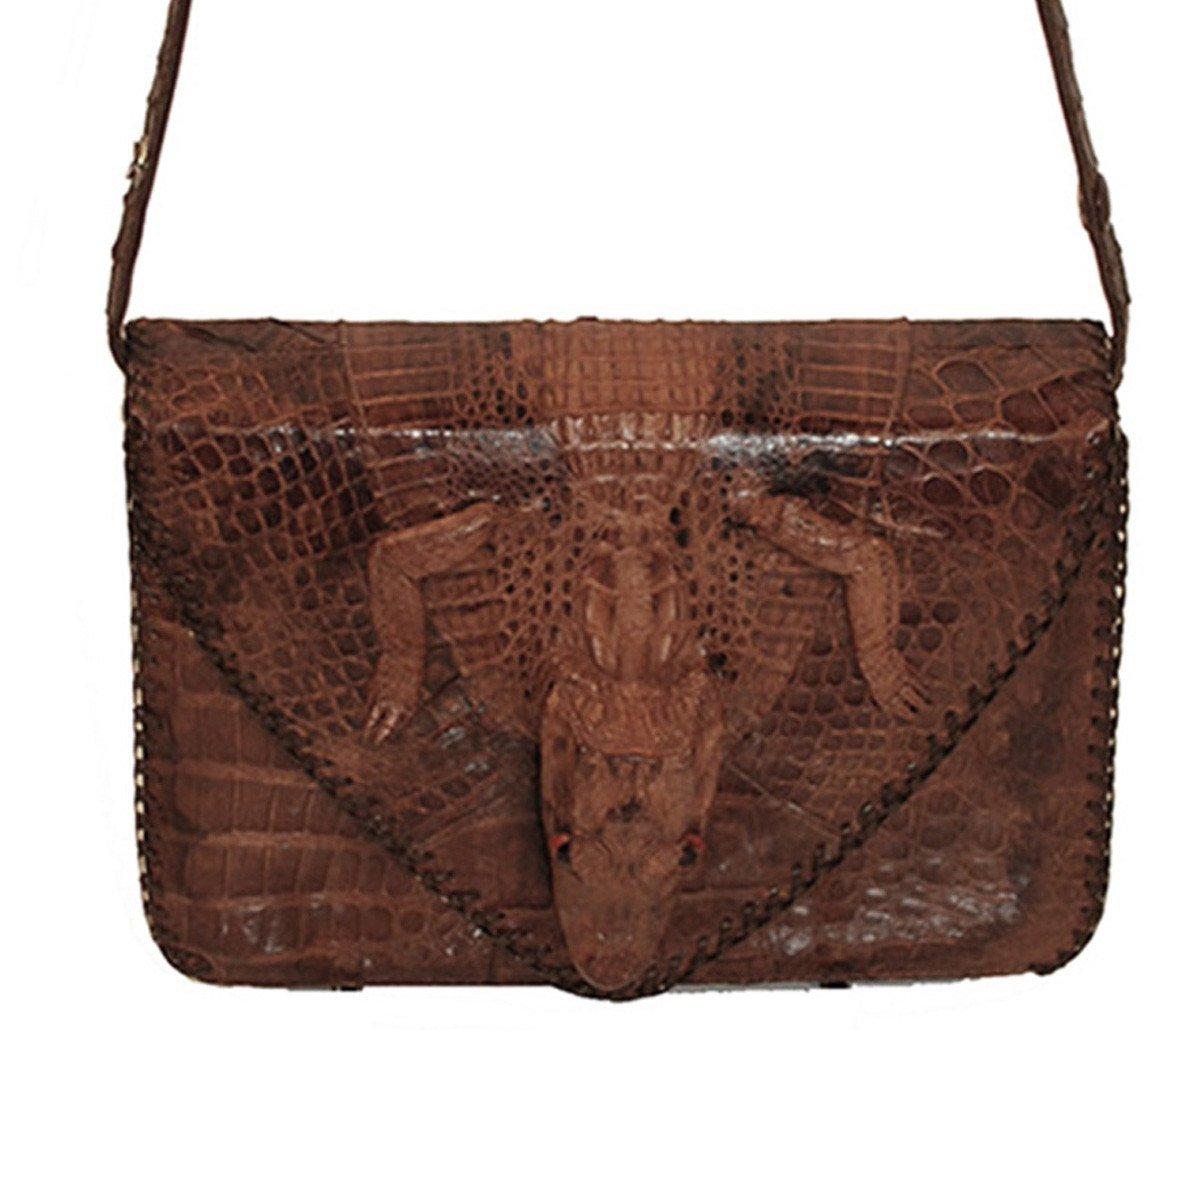 Aligante Alligator Shoulder Bag